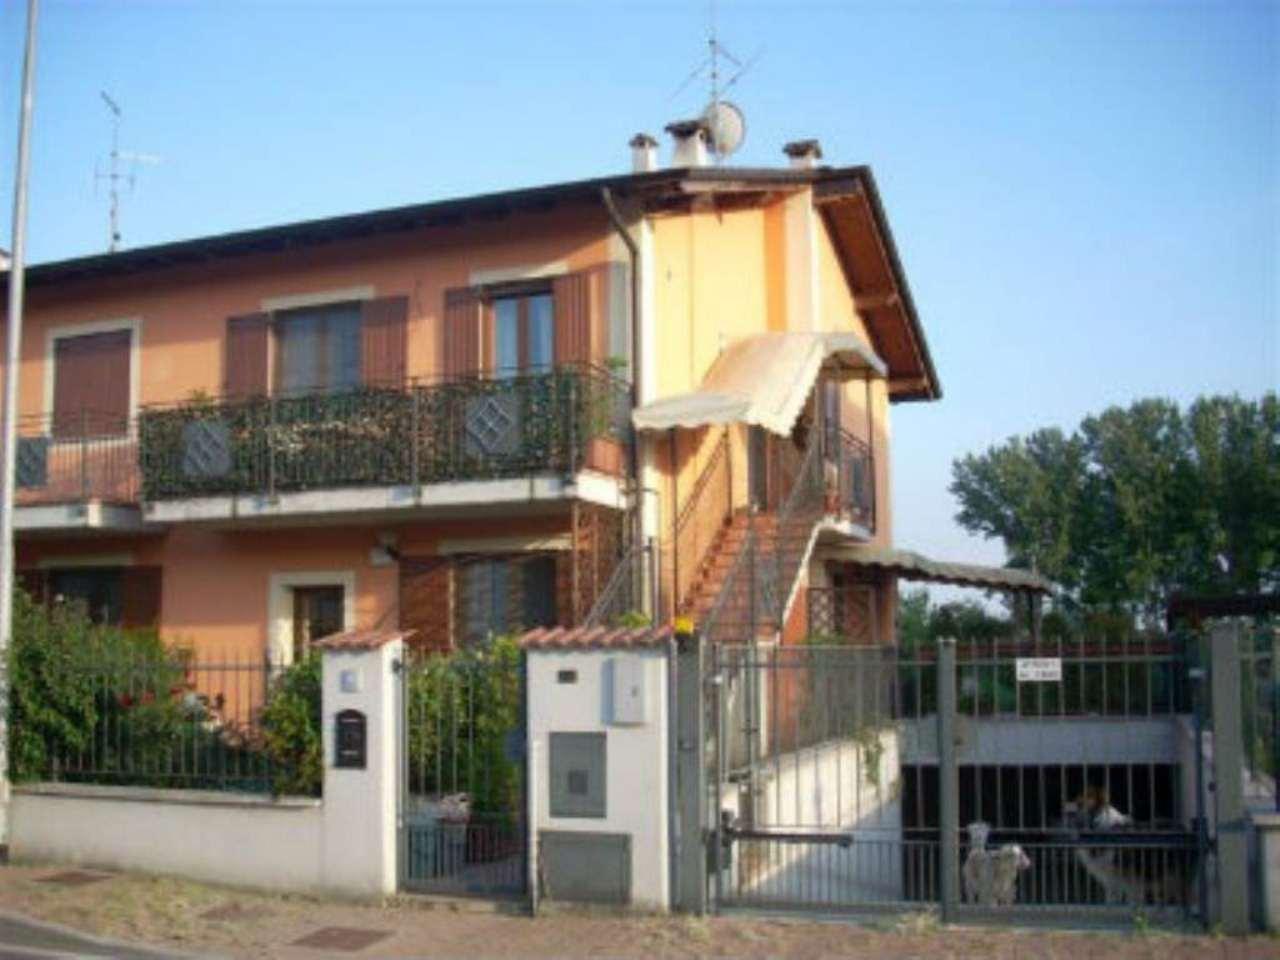 Appartamento in vendita a Montodine, 3 locali, prezzo € 103.000 | CambioCasa.it